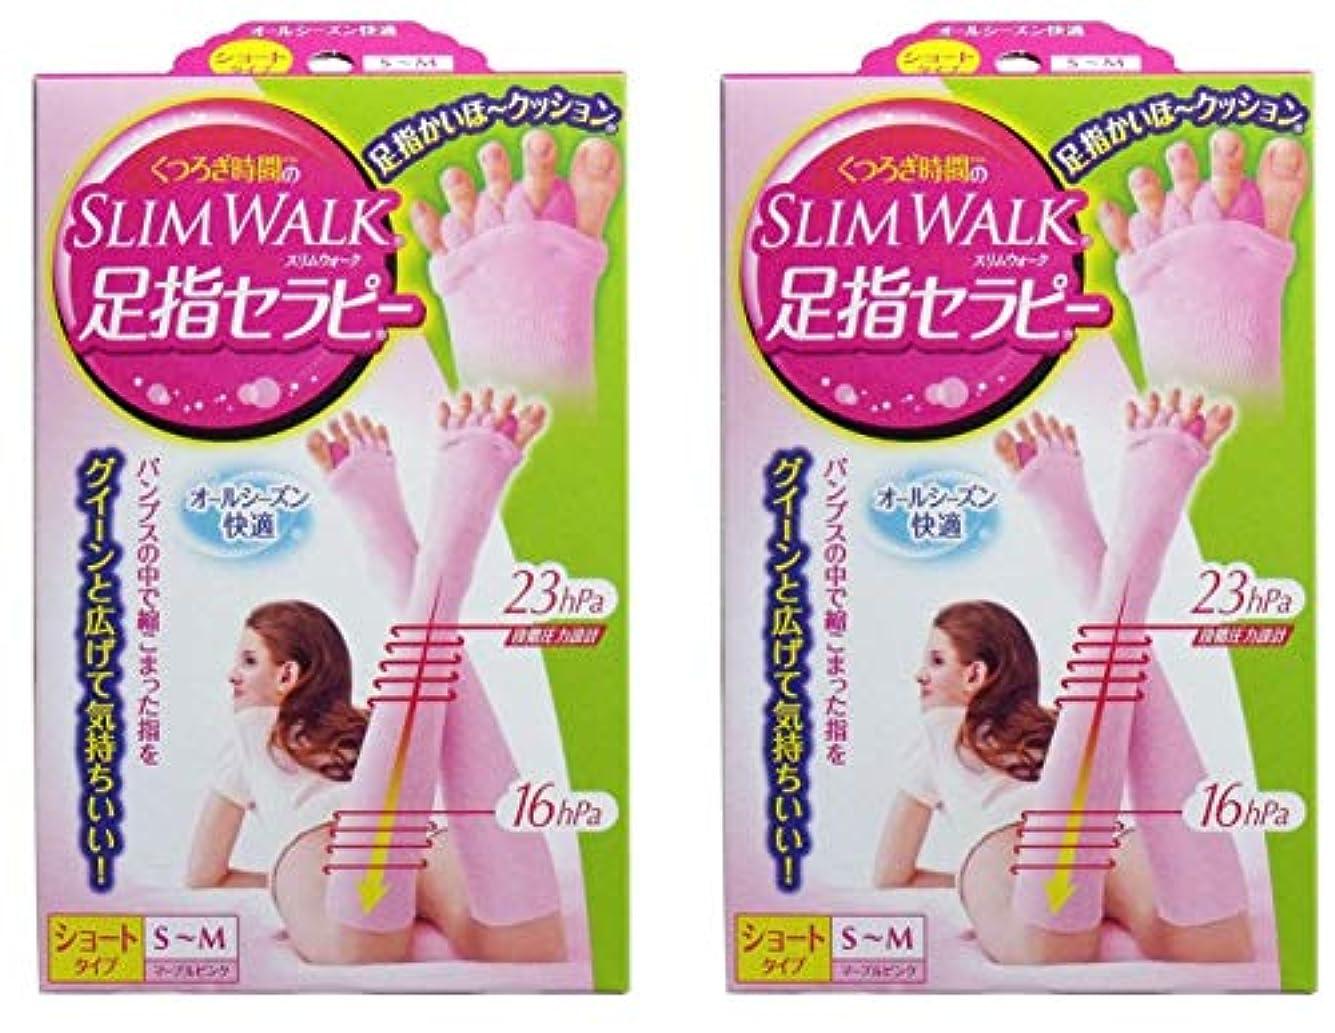 壊れたヒューズ大【2個セット】スリムウォーク 足指セラピー (オールシーズン用) ショートタイプ S-Mサイズ マーブルピンク(SLIM WALK,split open-toe socks,SM)×2個